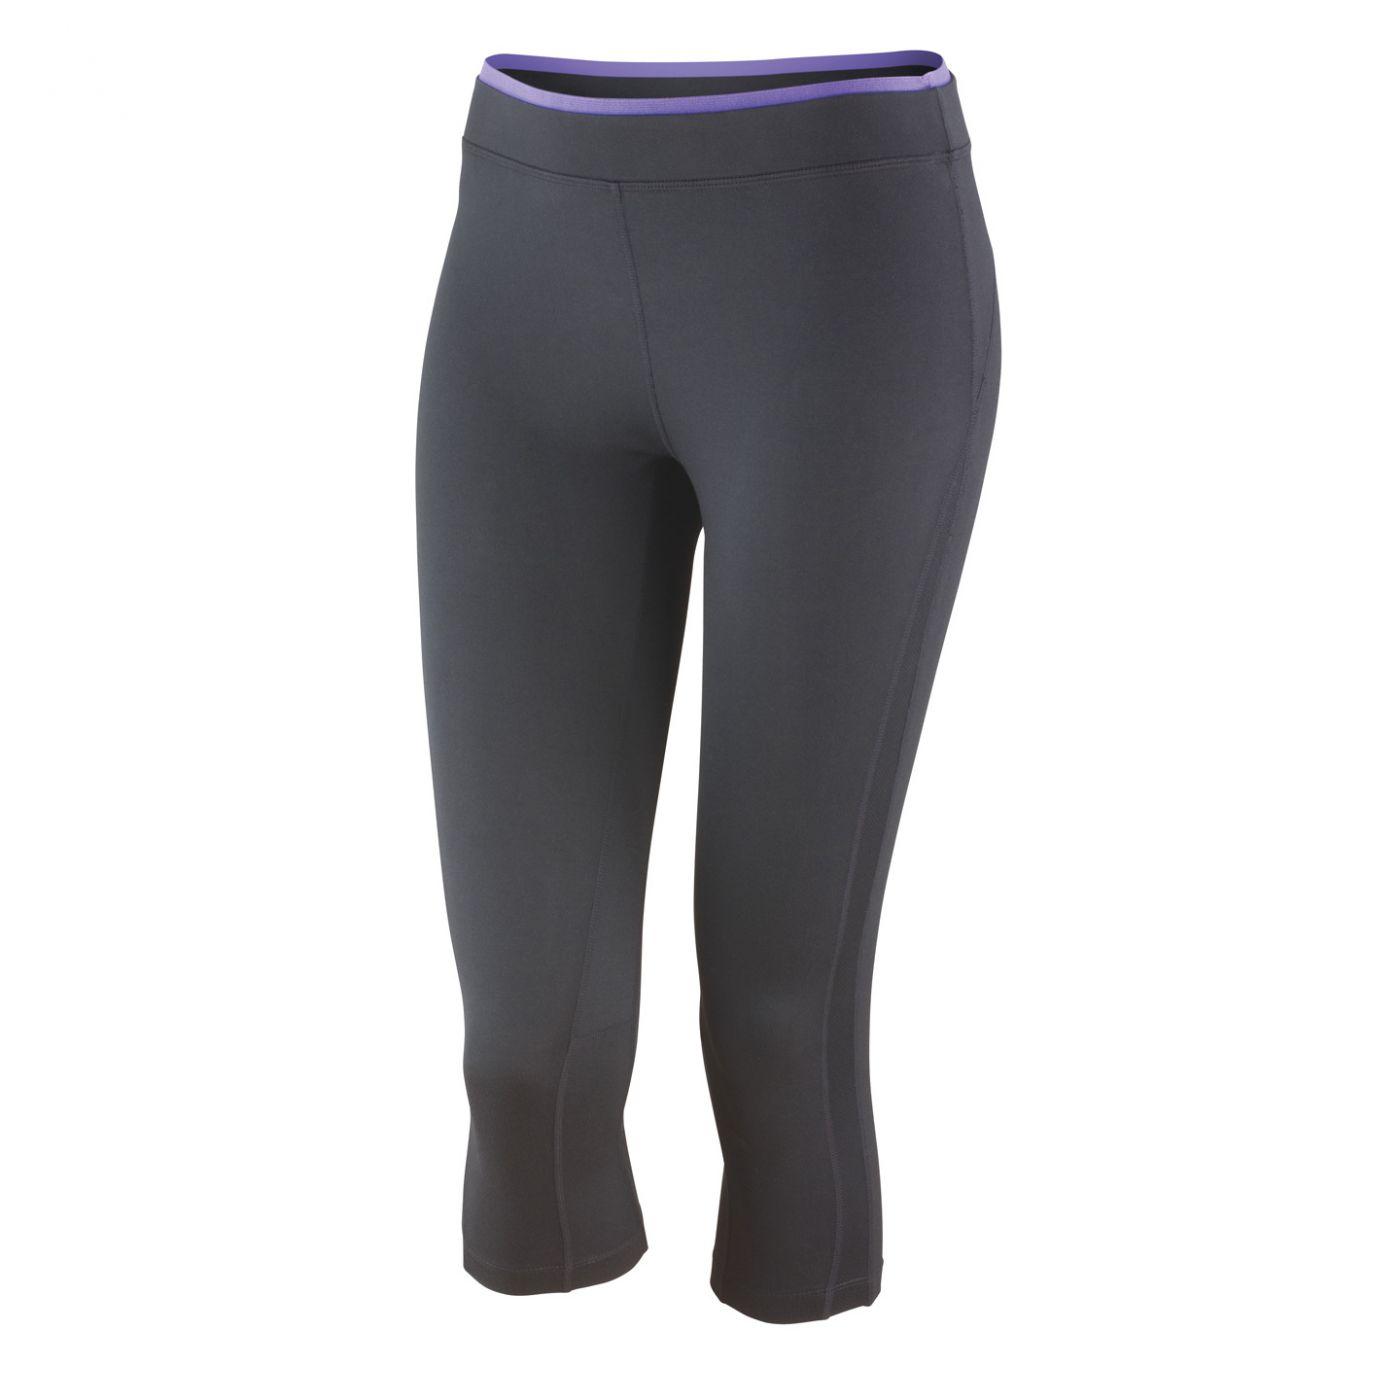 Women's 3/4 leggings Spiro FITNESS